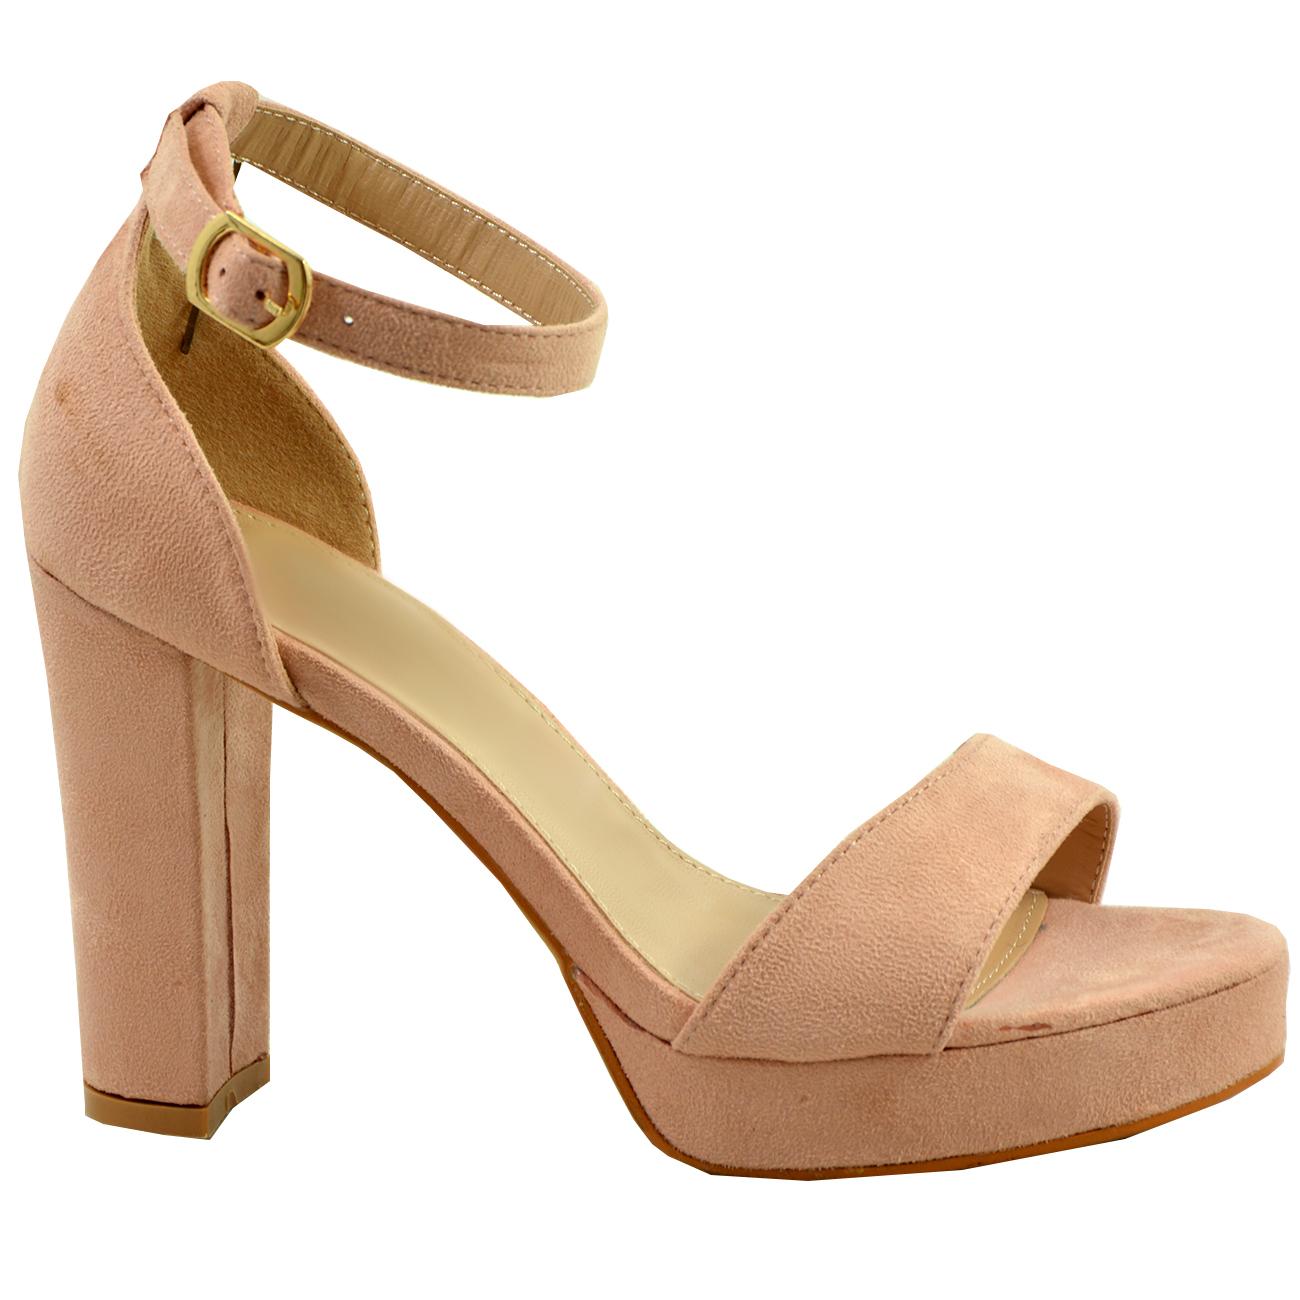 Womens Ladies Platform High Block Heel Strappy Sandals ...